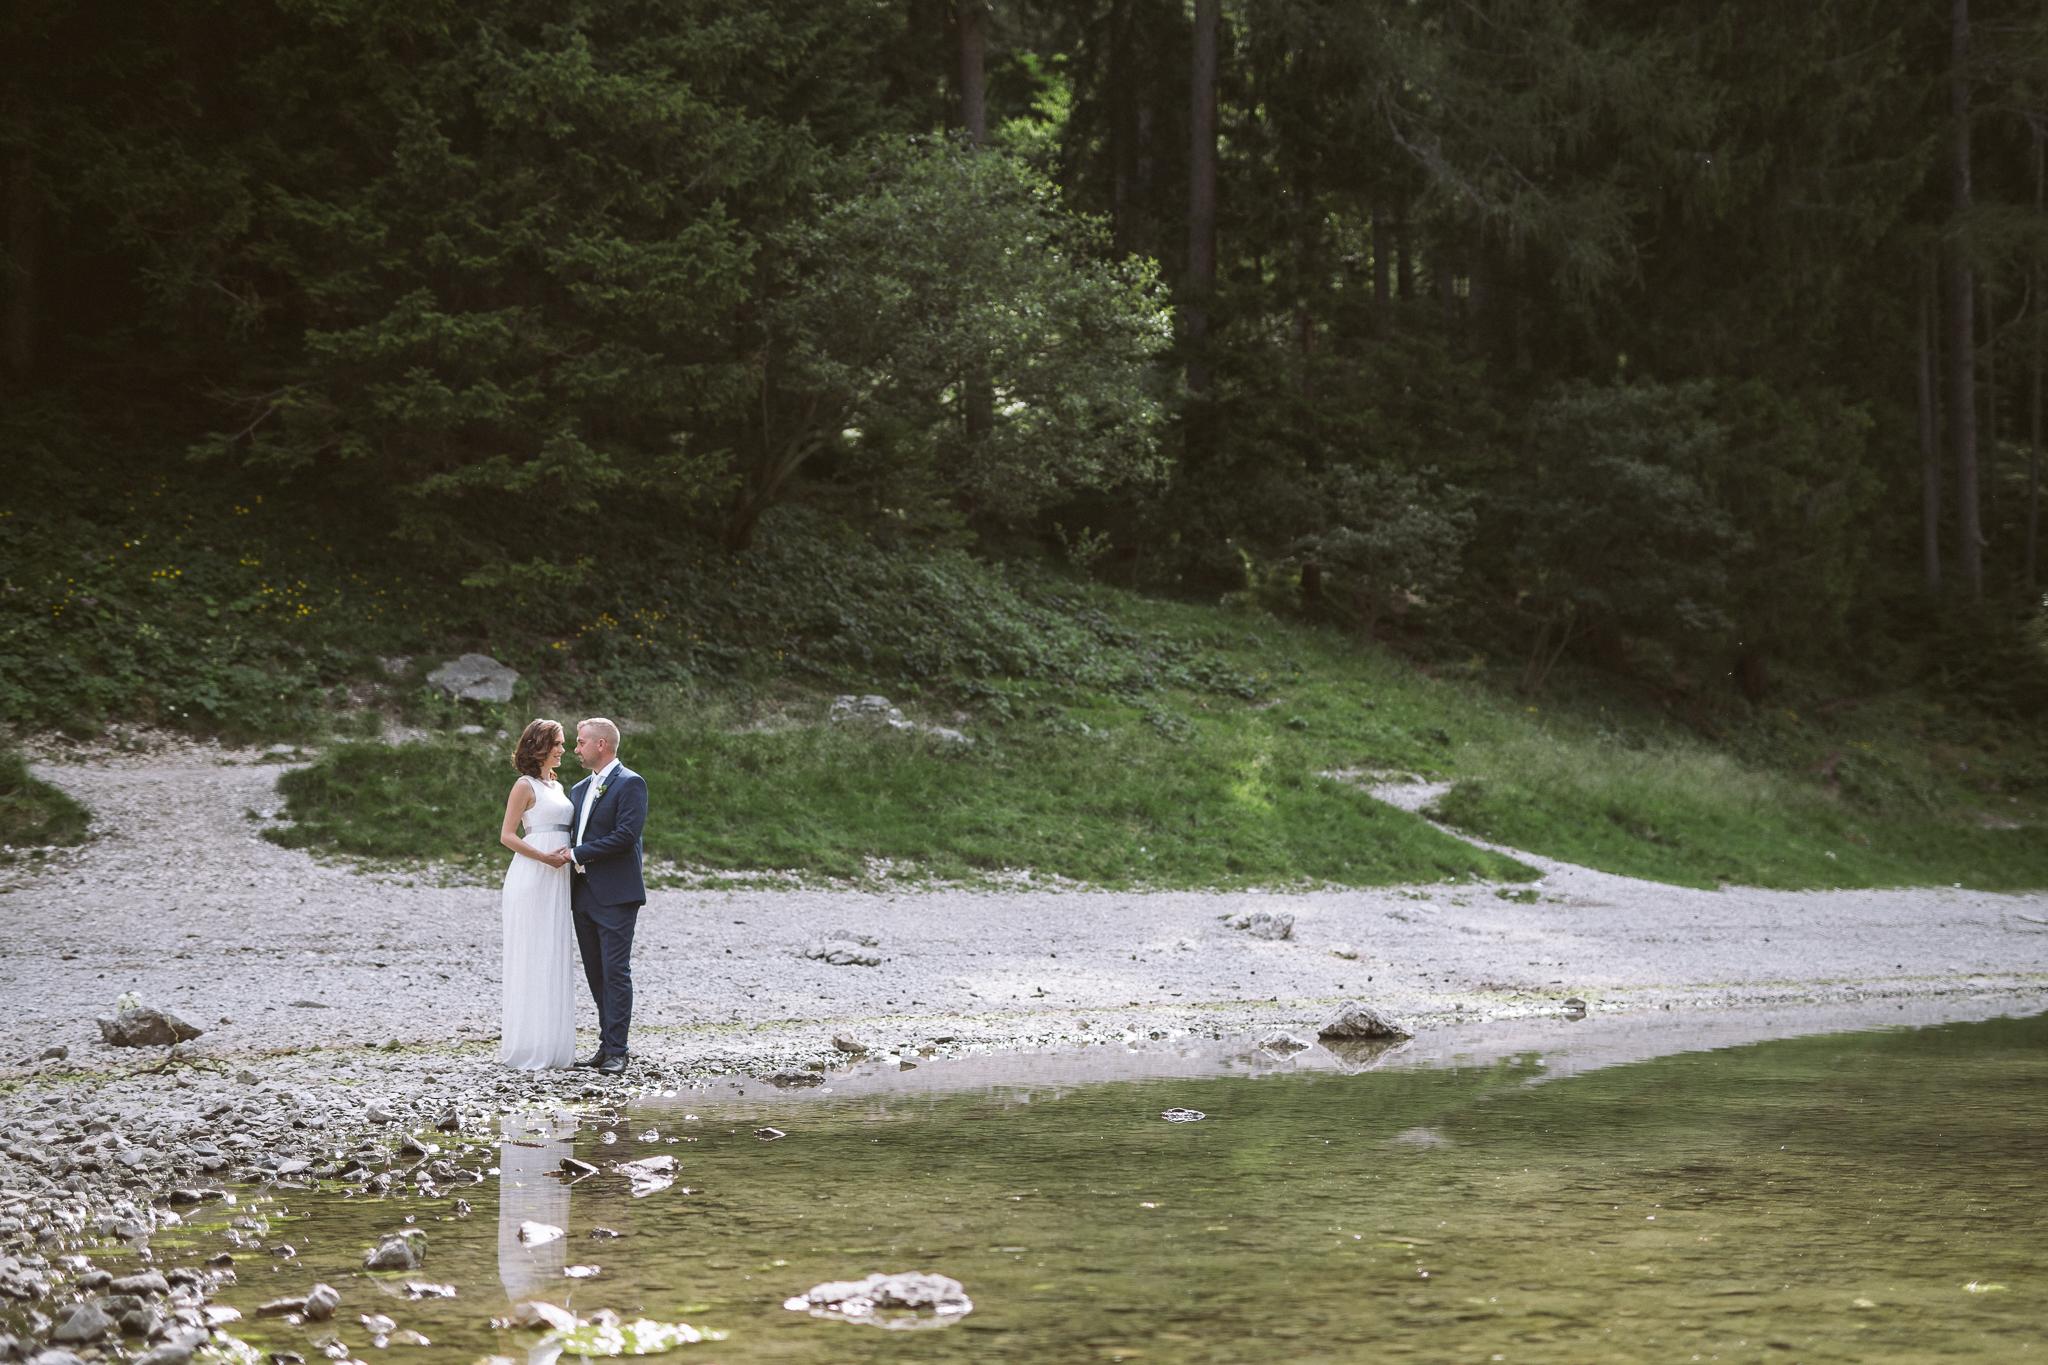 FylepPhoto, esküvőfotózás, magyarország, esküvői fotós, vasmegye, prémium, jegyesfotózás, Fülöp Péter, körmend, kreatív, grüner see_30.jpg